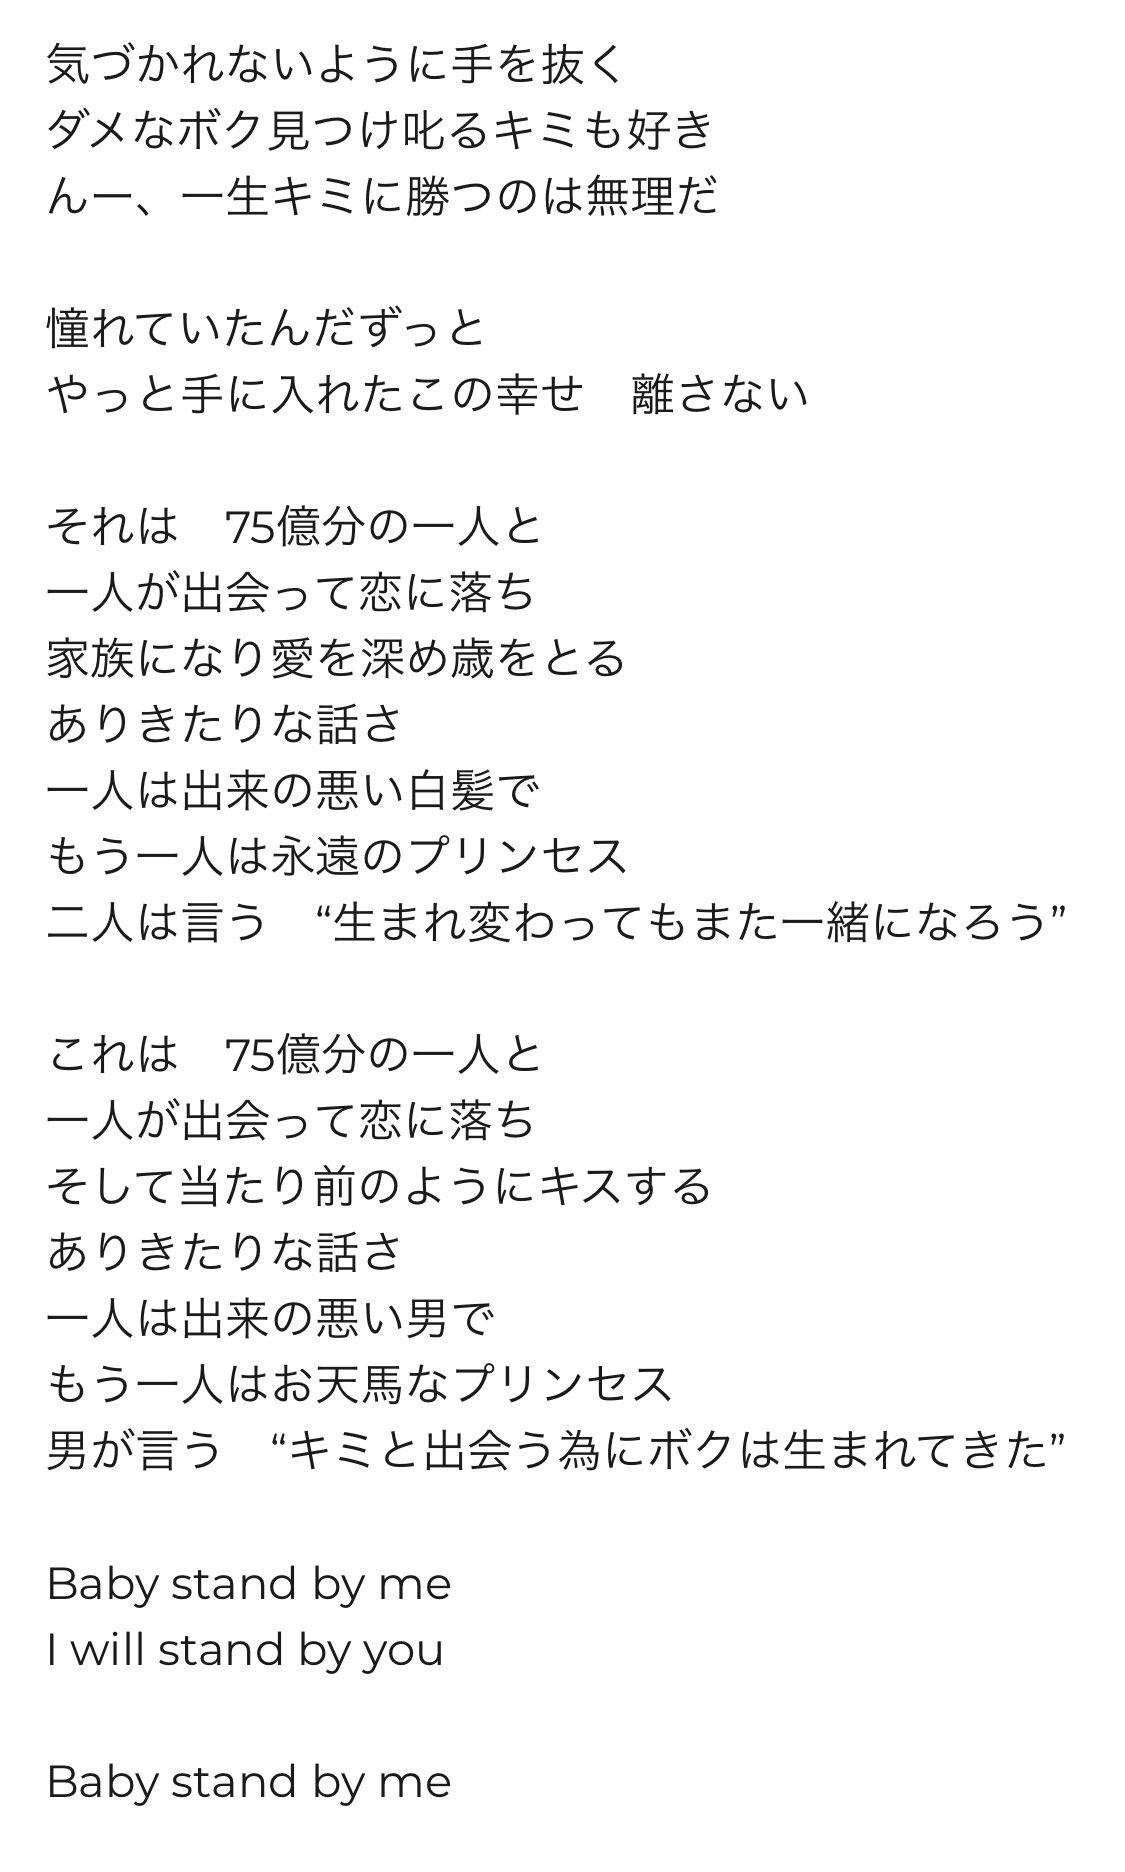 バイミー 平井 大 スタンド